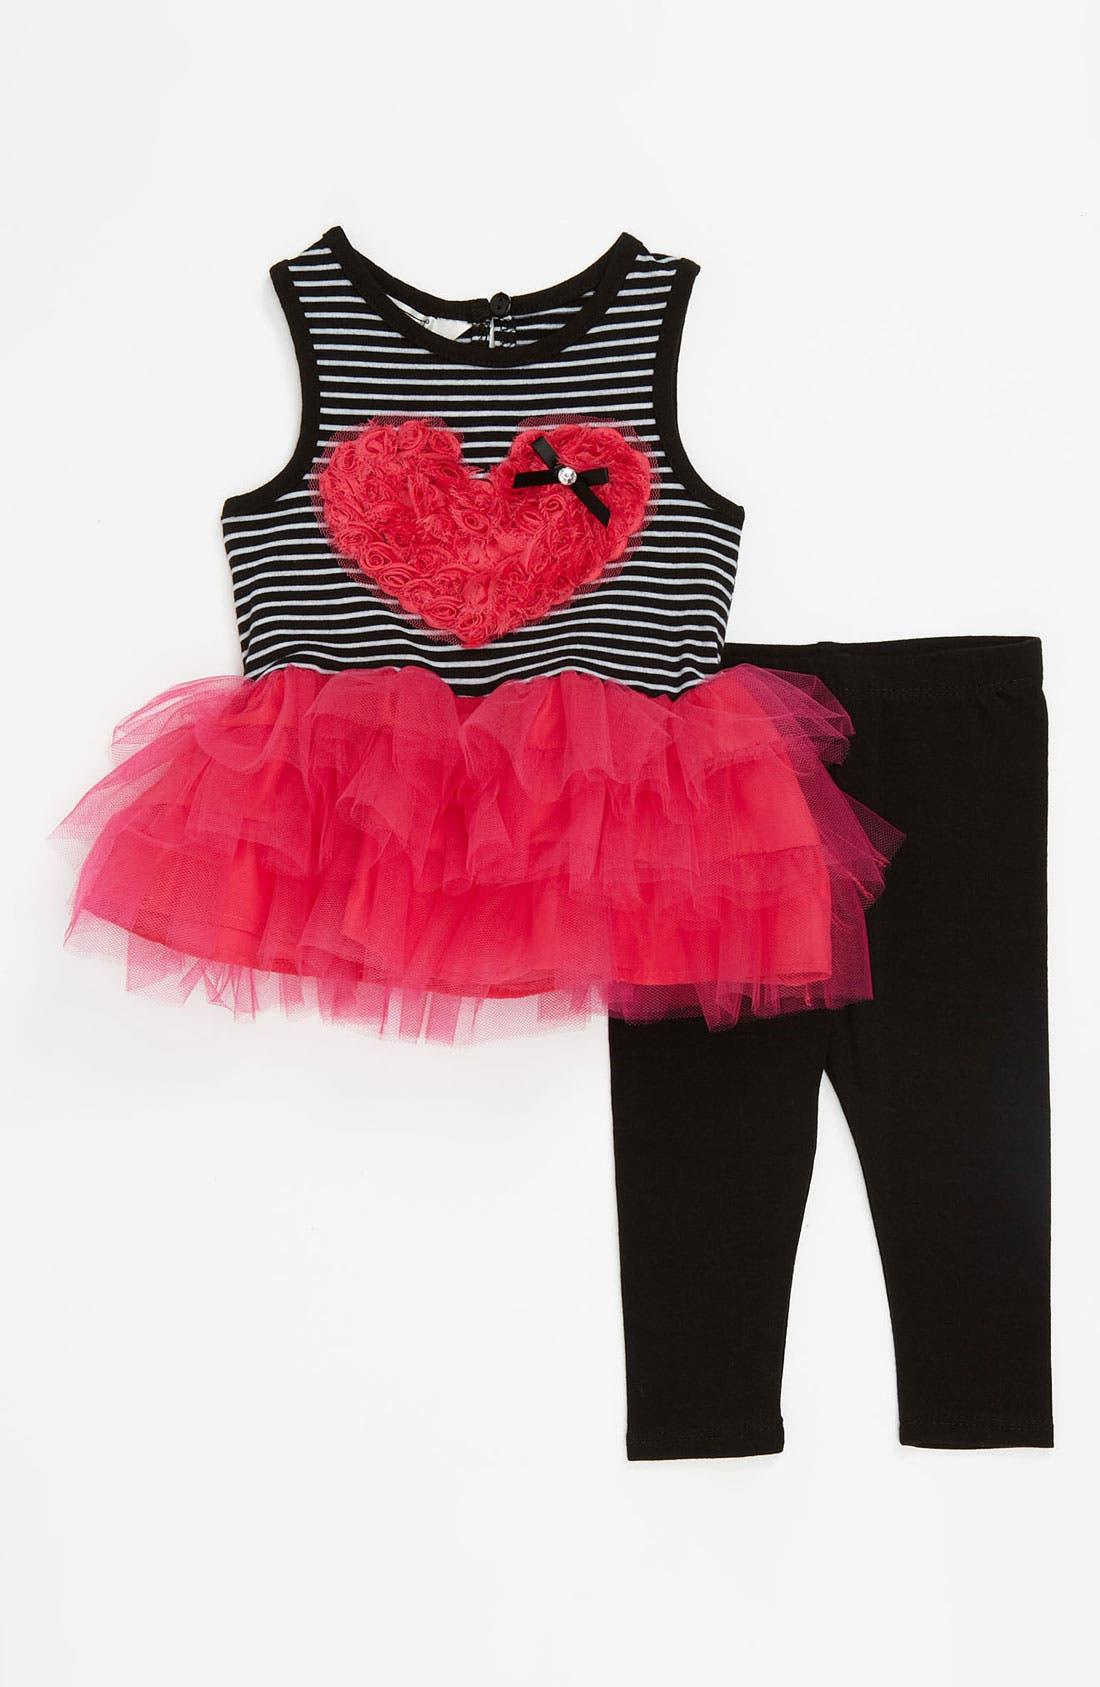 Main Image - Pippa & Julie Soutache Heart Top & Leggings (Infant)